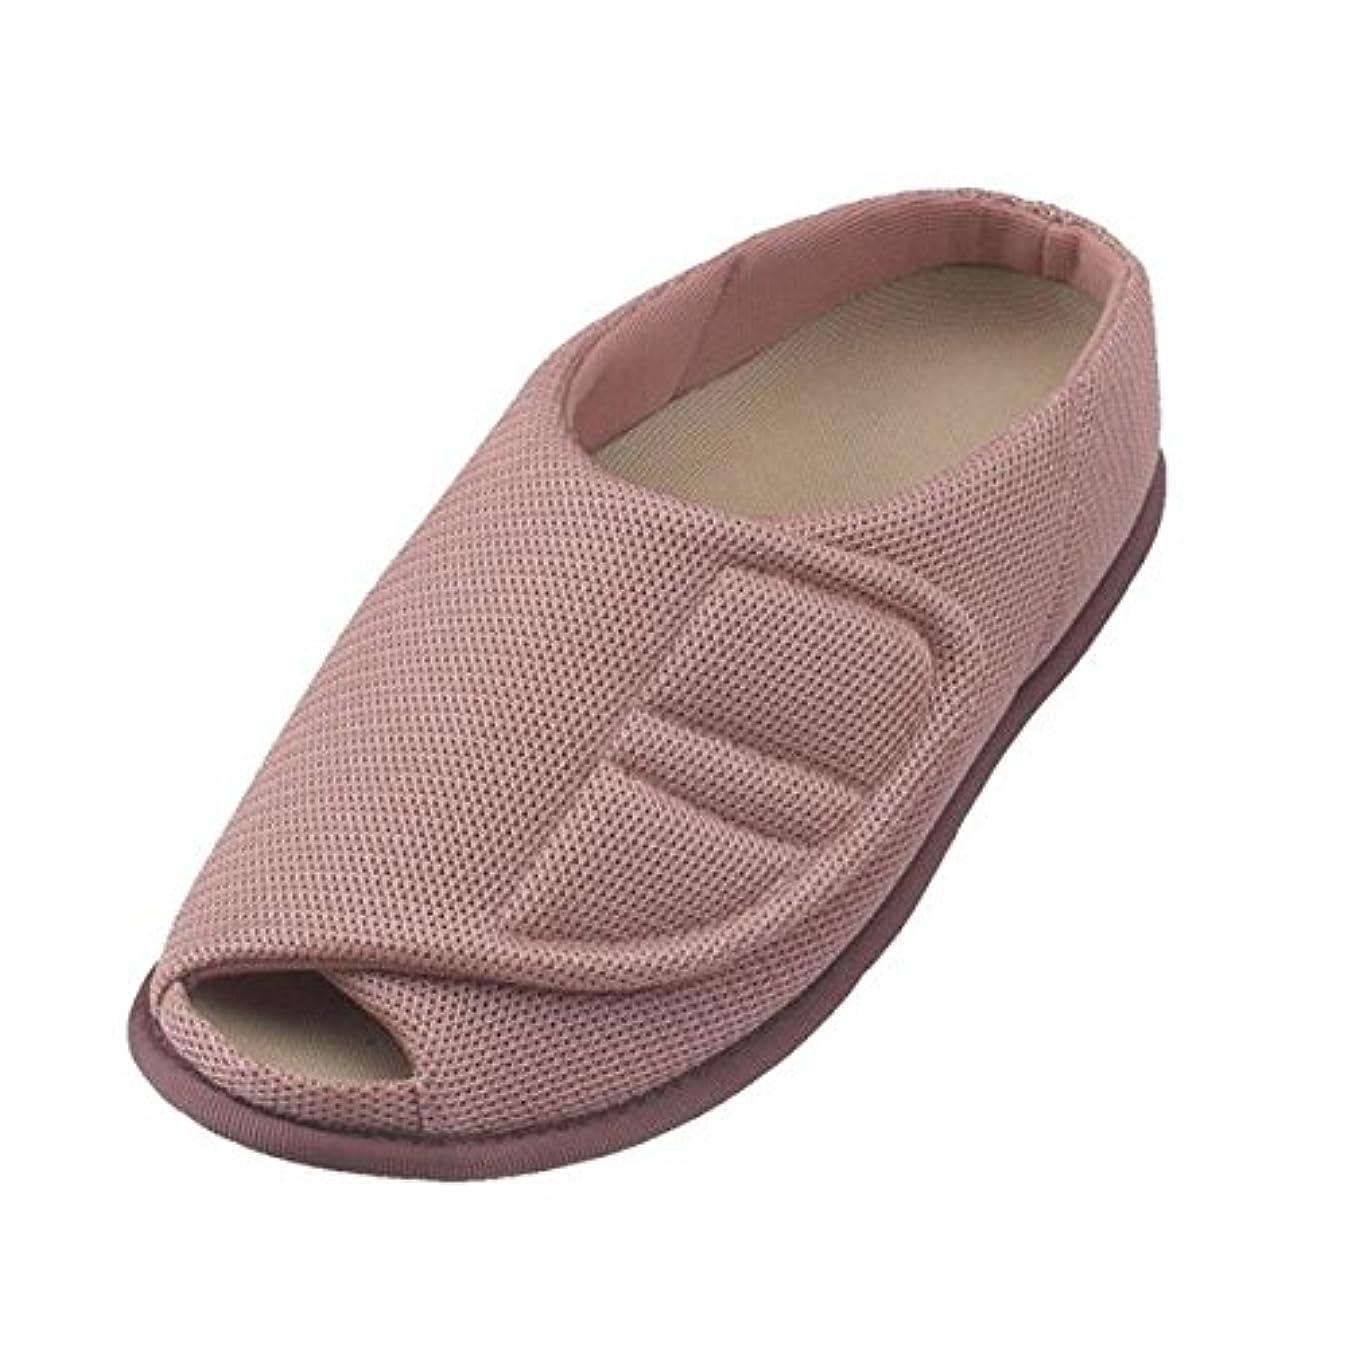 フィルタありがたい窒素介護靴 室内用 オープンルームメッシュ 2228 両足 徳武産業 あゆみシリーズ /L (23.5~24.5cm) ピンク ds-1444968